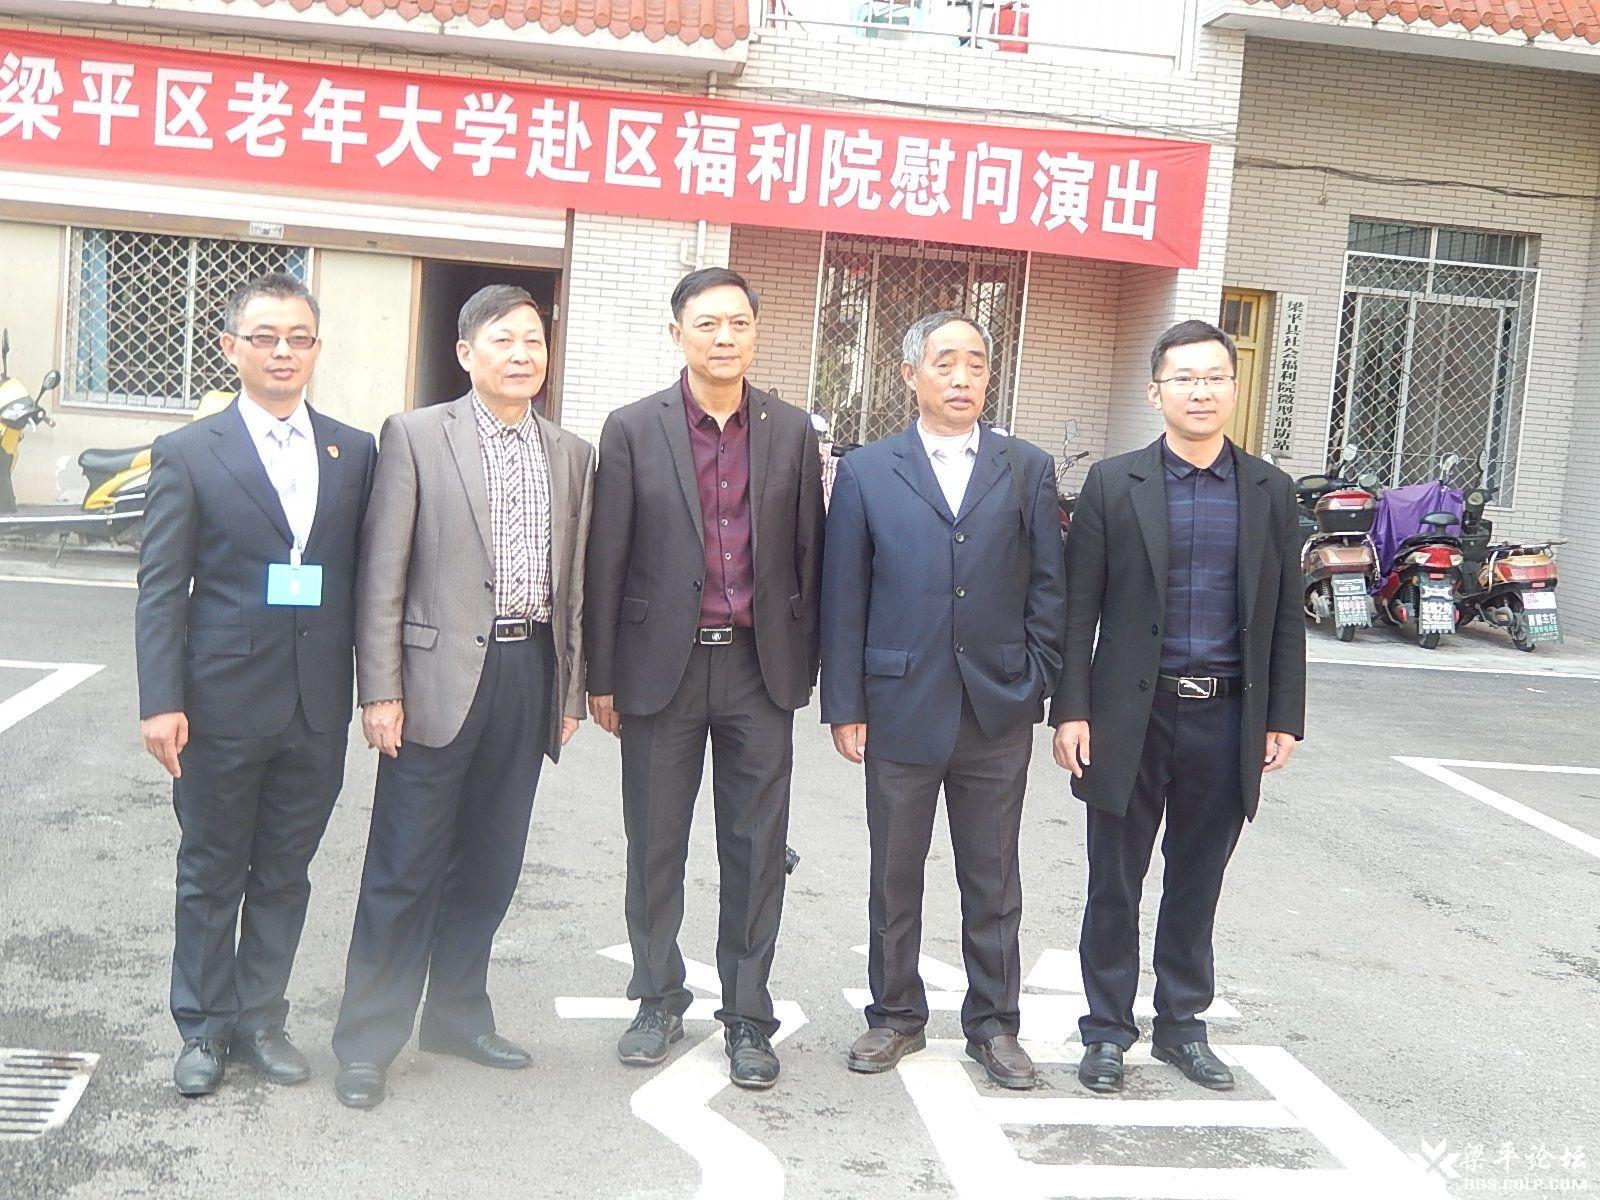 梁平老年大学与福利院的负责人合影.JPG